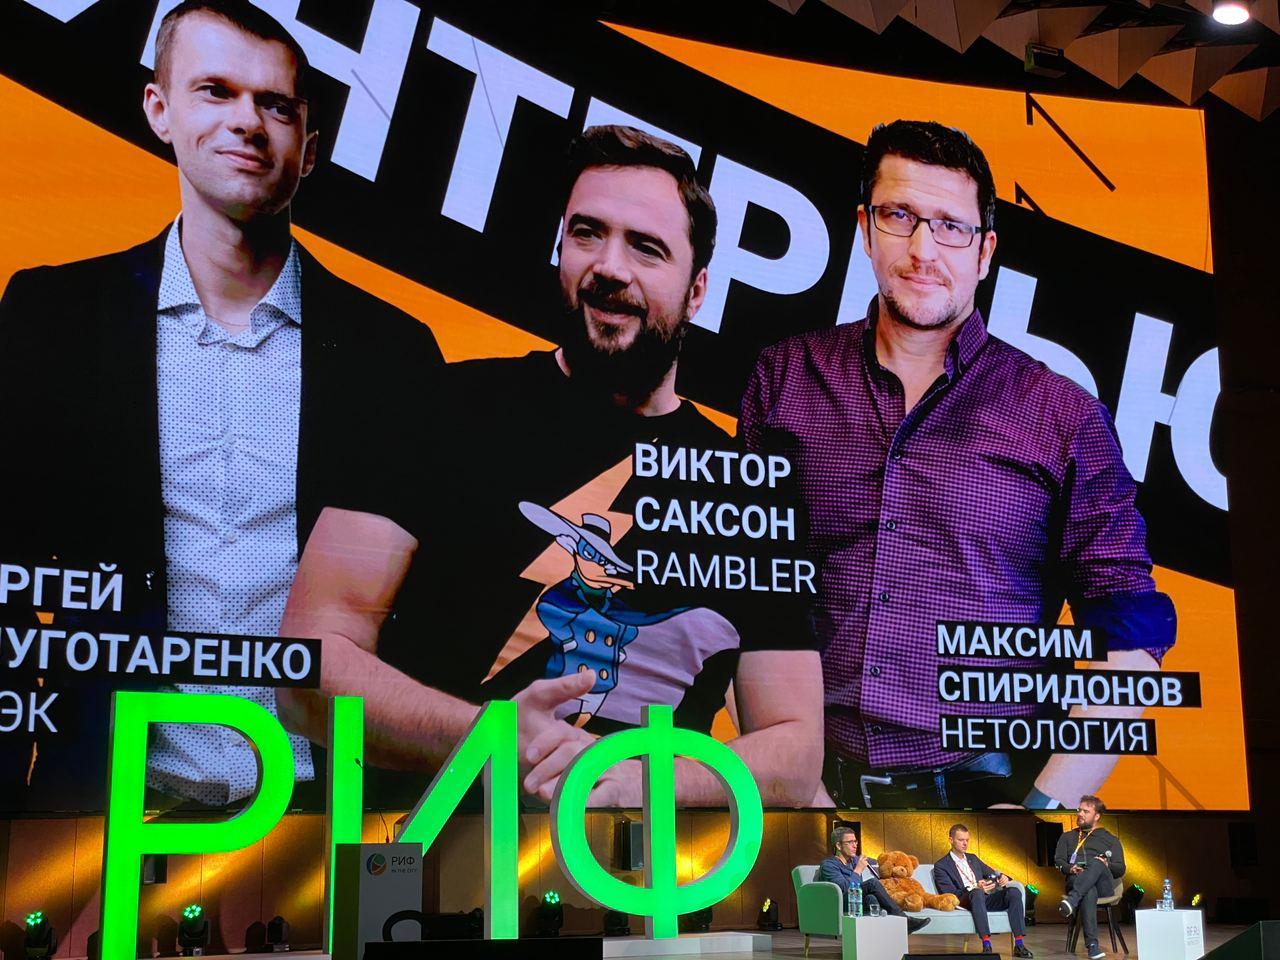 «Люди – главный актив»: Сергей Плуготаренко и Максим Спиридонов об IT-кадрах